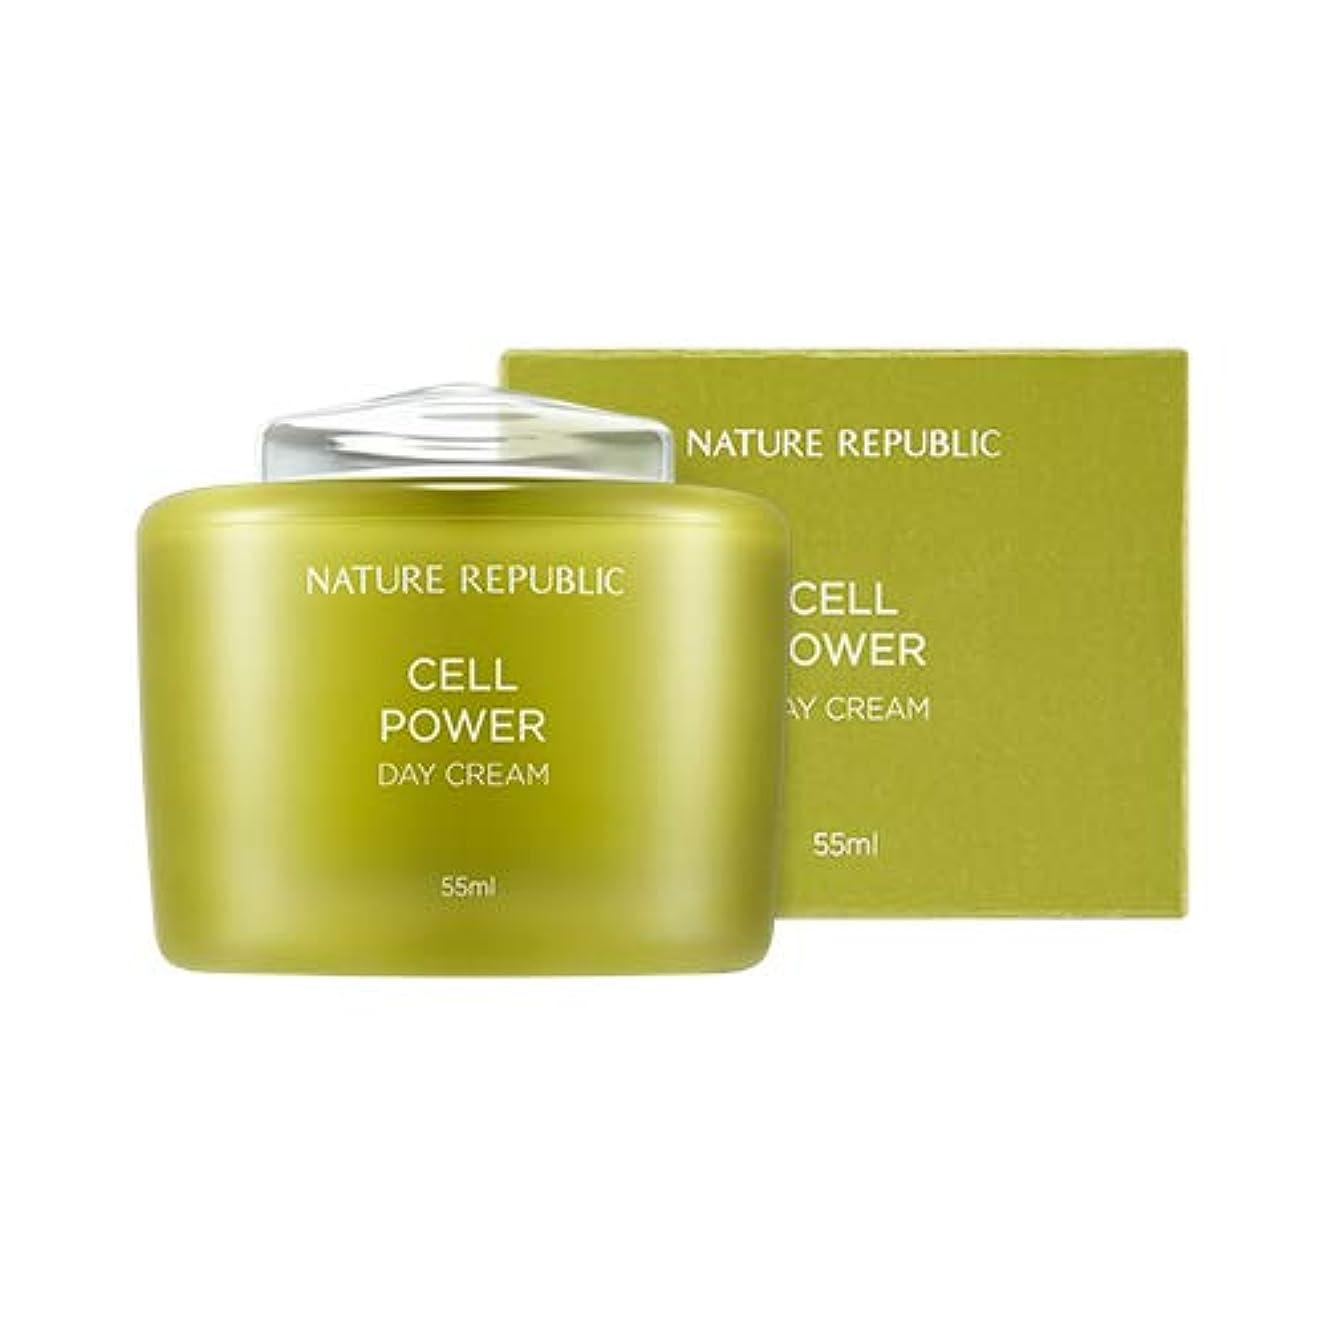 帰るシンプトン発生NATURE REPUBLIC Cell Power Day Cream/ネイチャーリパブリック セルパワー デイクリーム 55ml [並行輸入品]